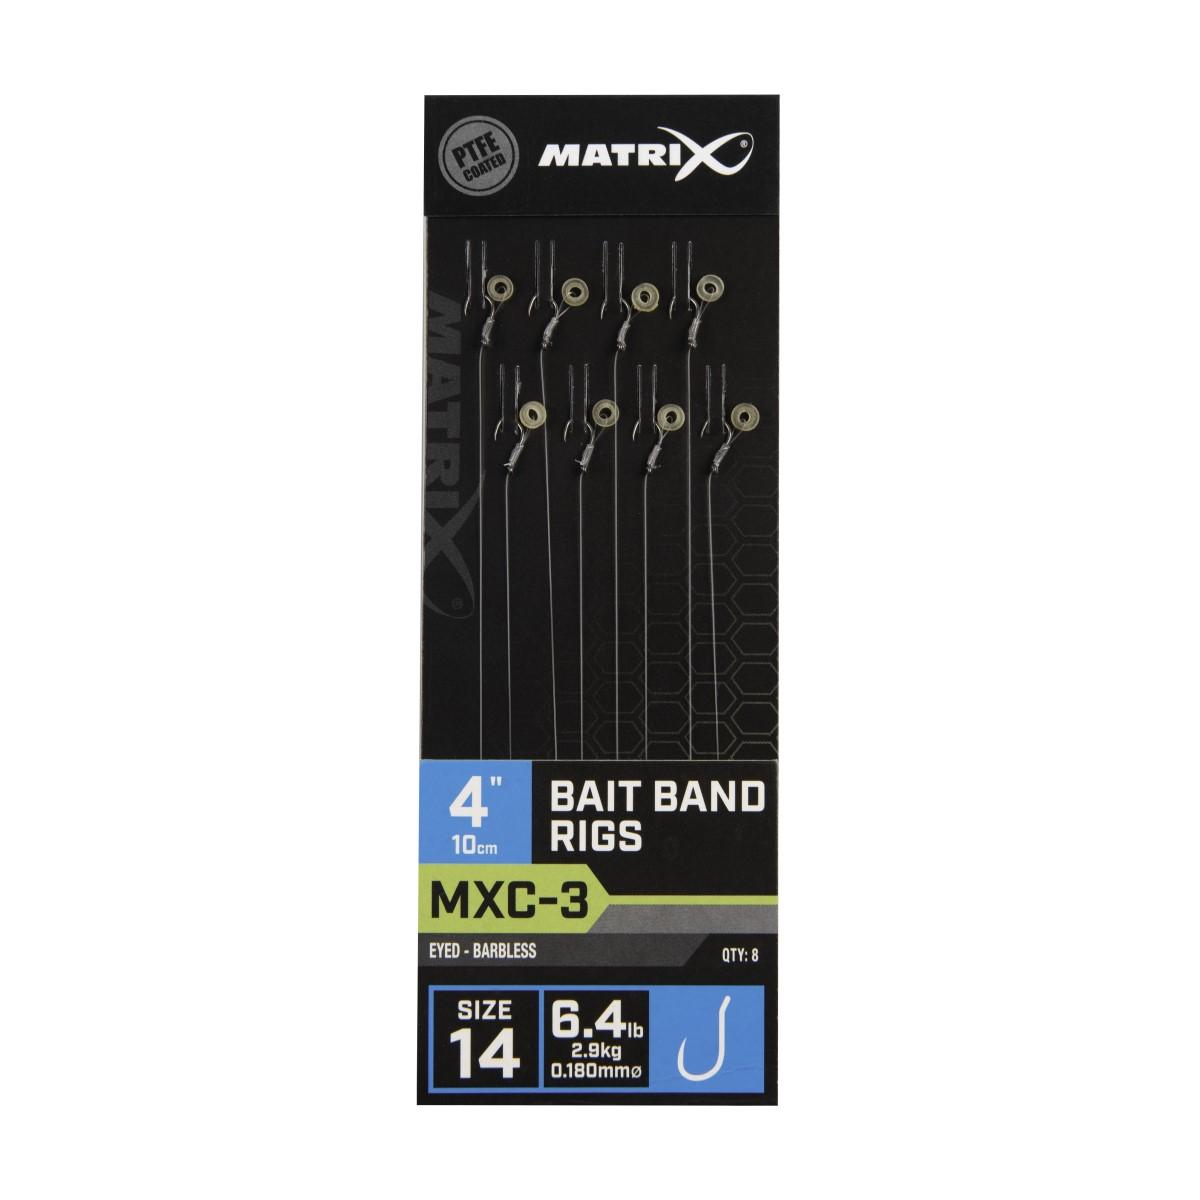 Вързани куки Matrix MXC-3 Bait Band Rigs 10cm №14